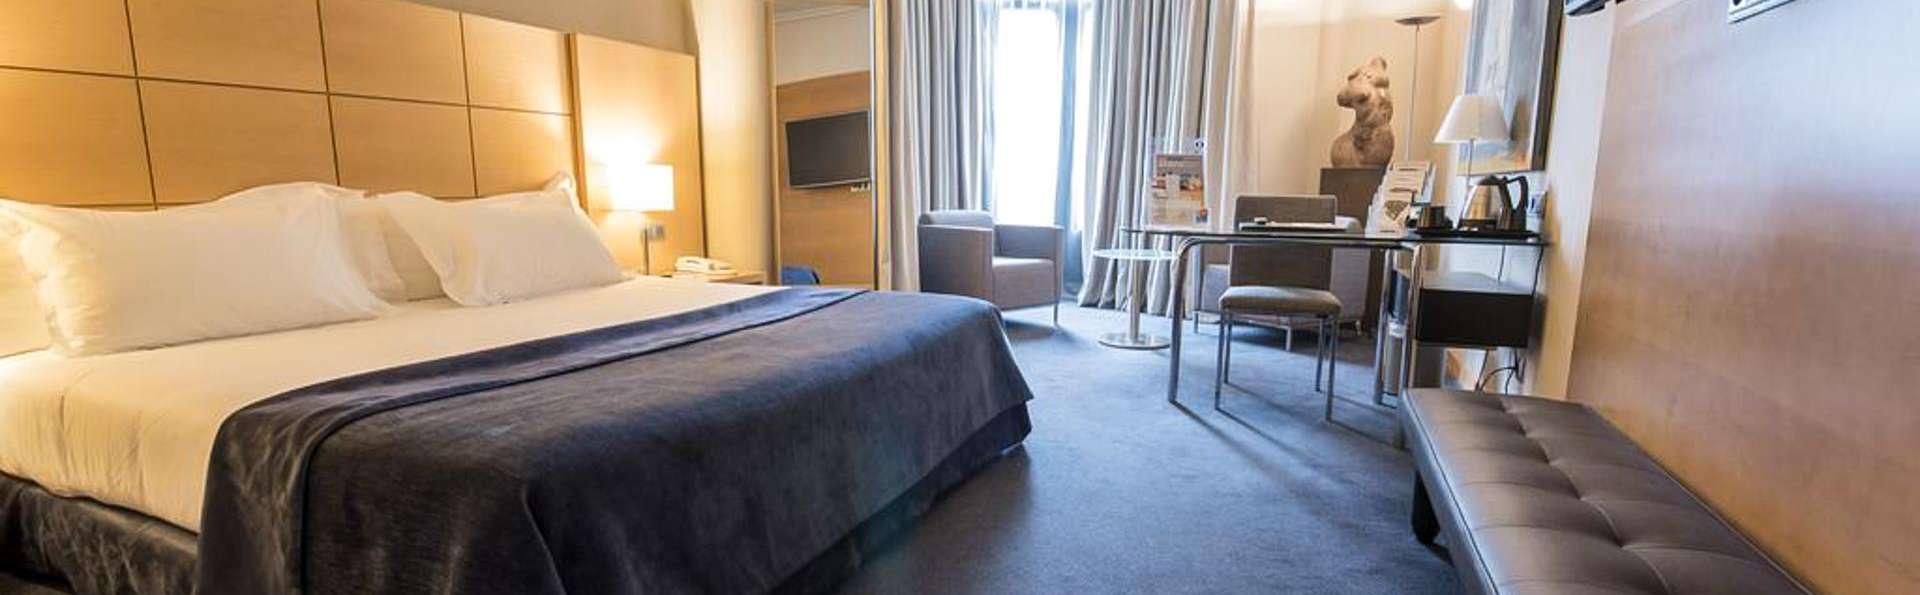 Hotel Silken Ciudad de Vitoria - EDIT_WEB_ROOM_01.jpg